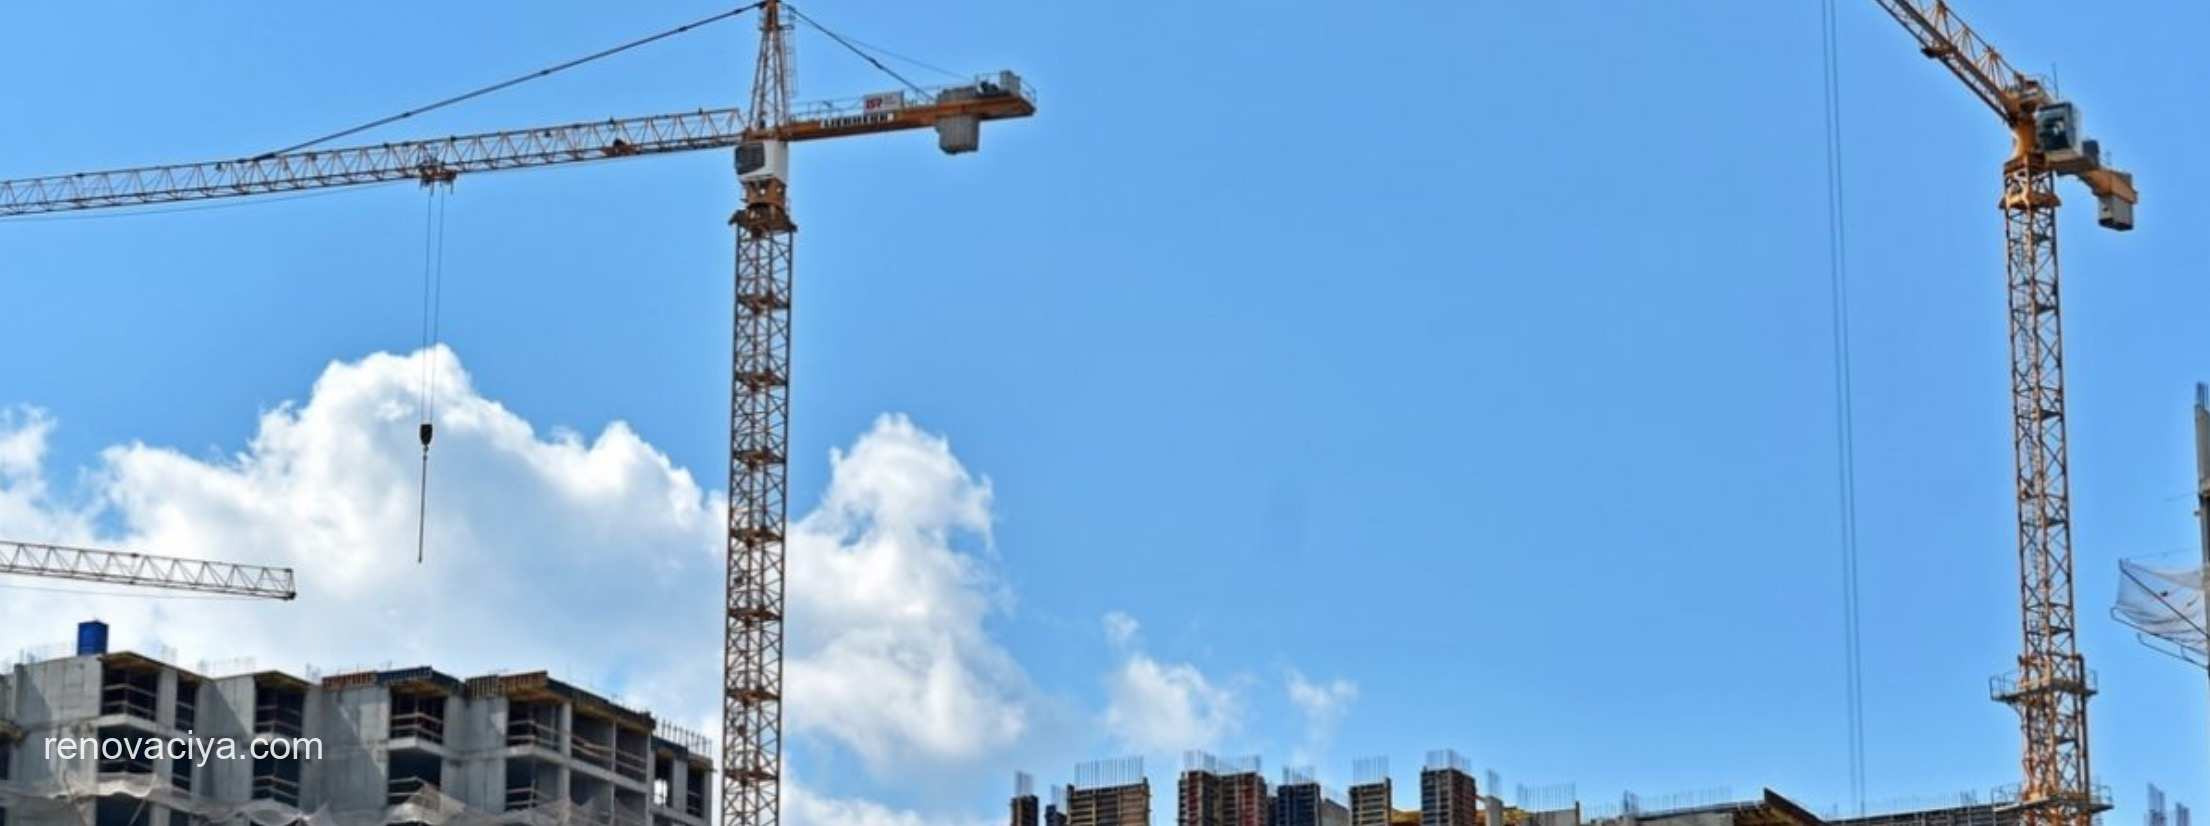 Около сотни домов по реновации 2019